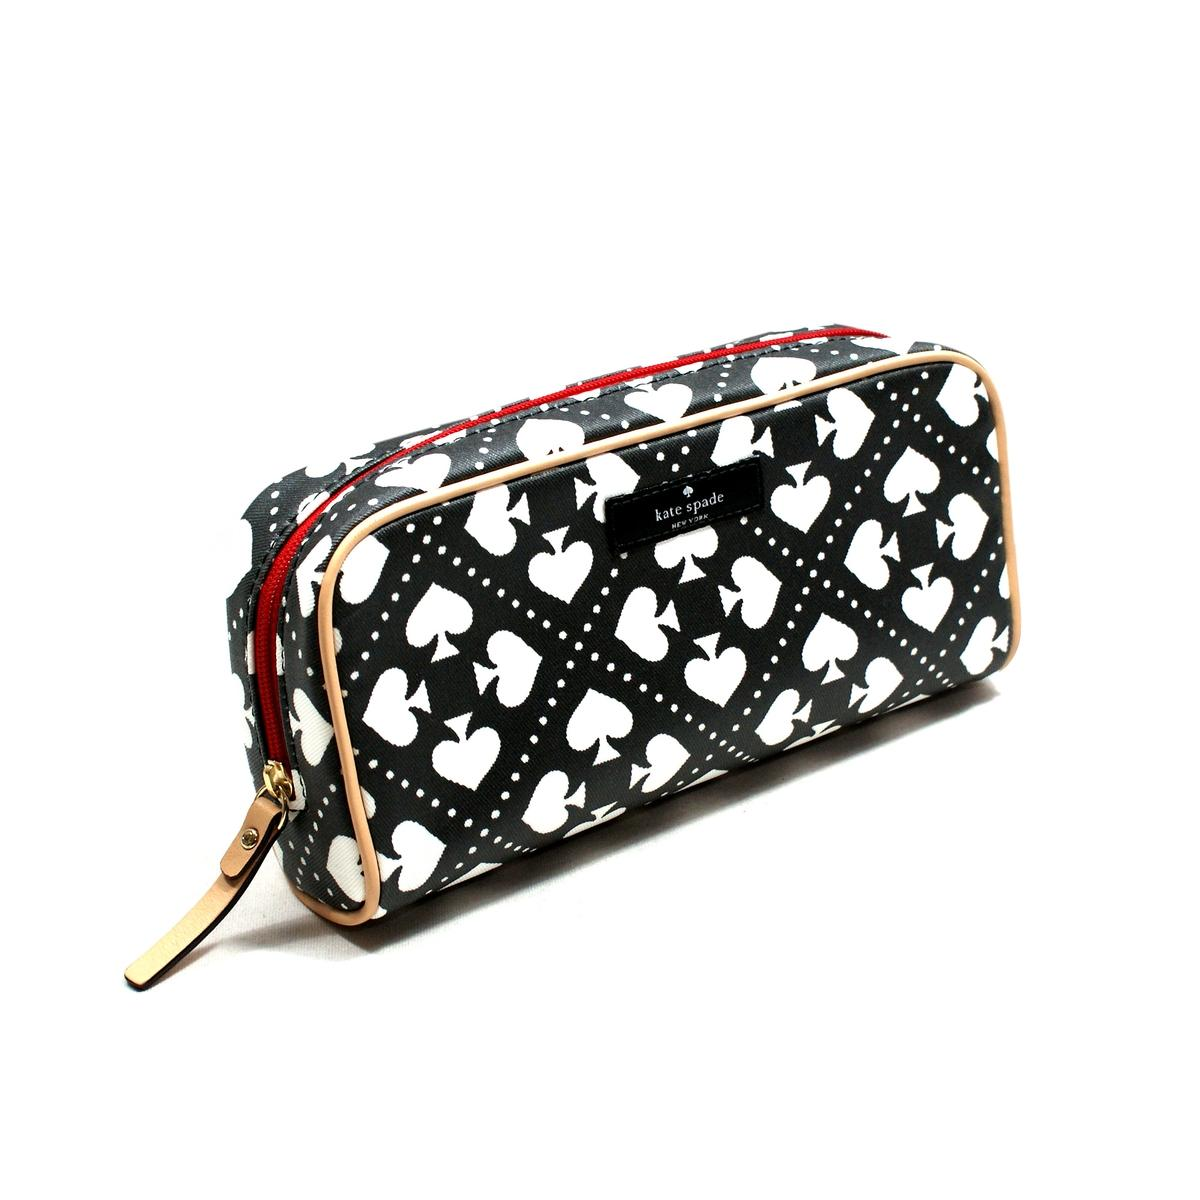 Kate Spade Wristlet Wallet Inside